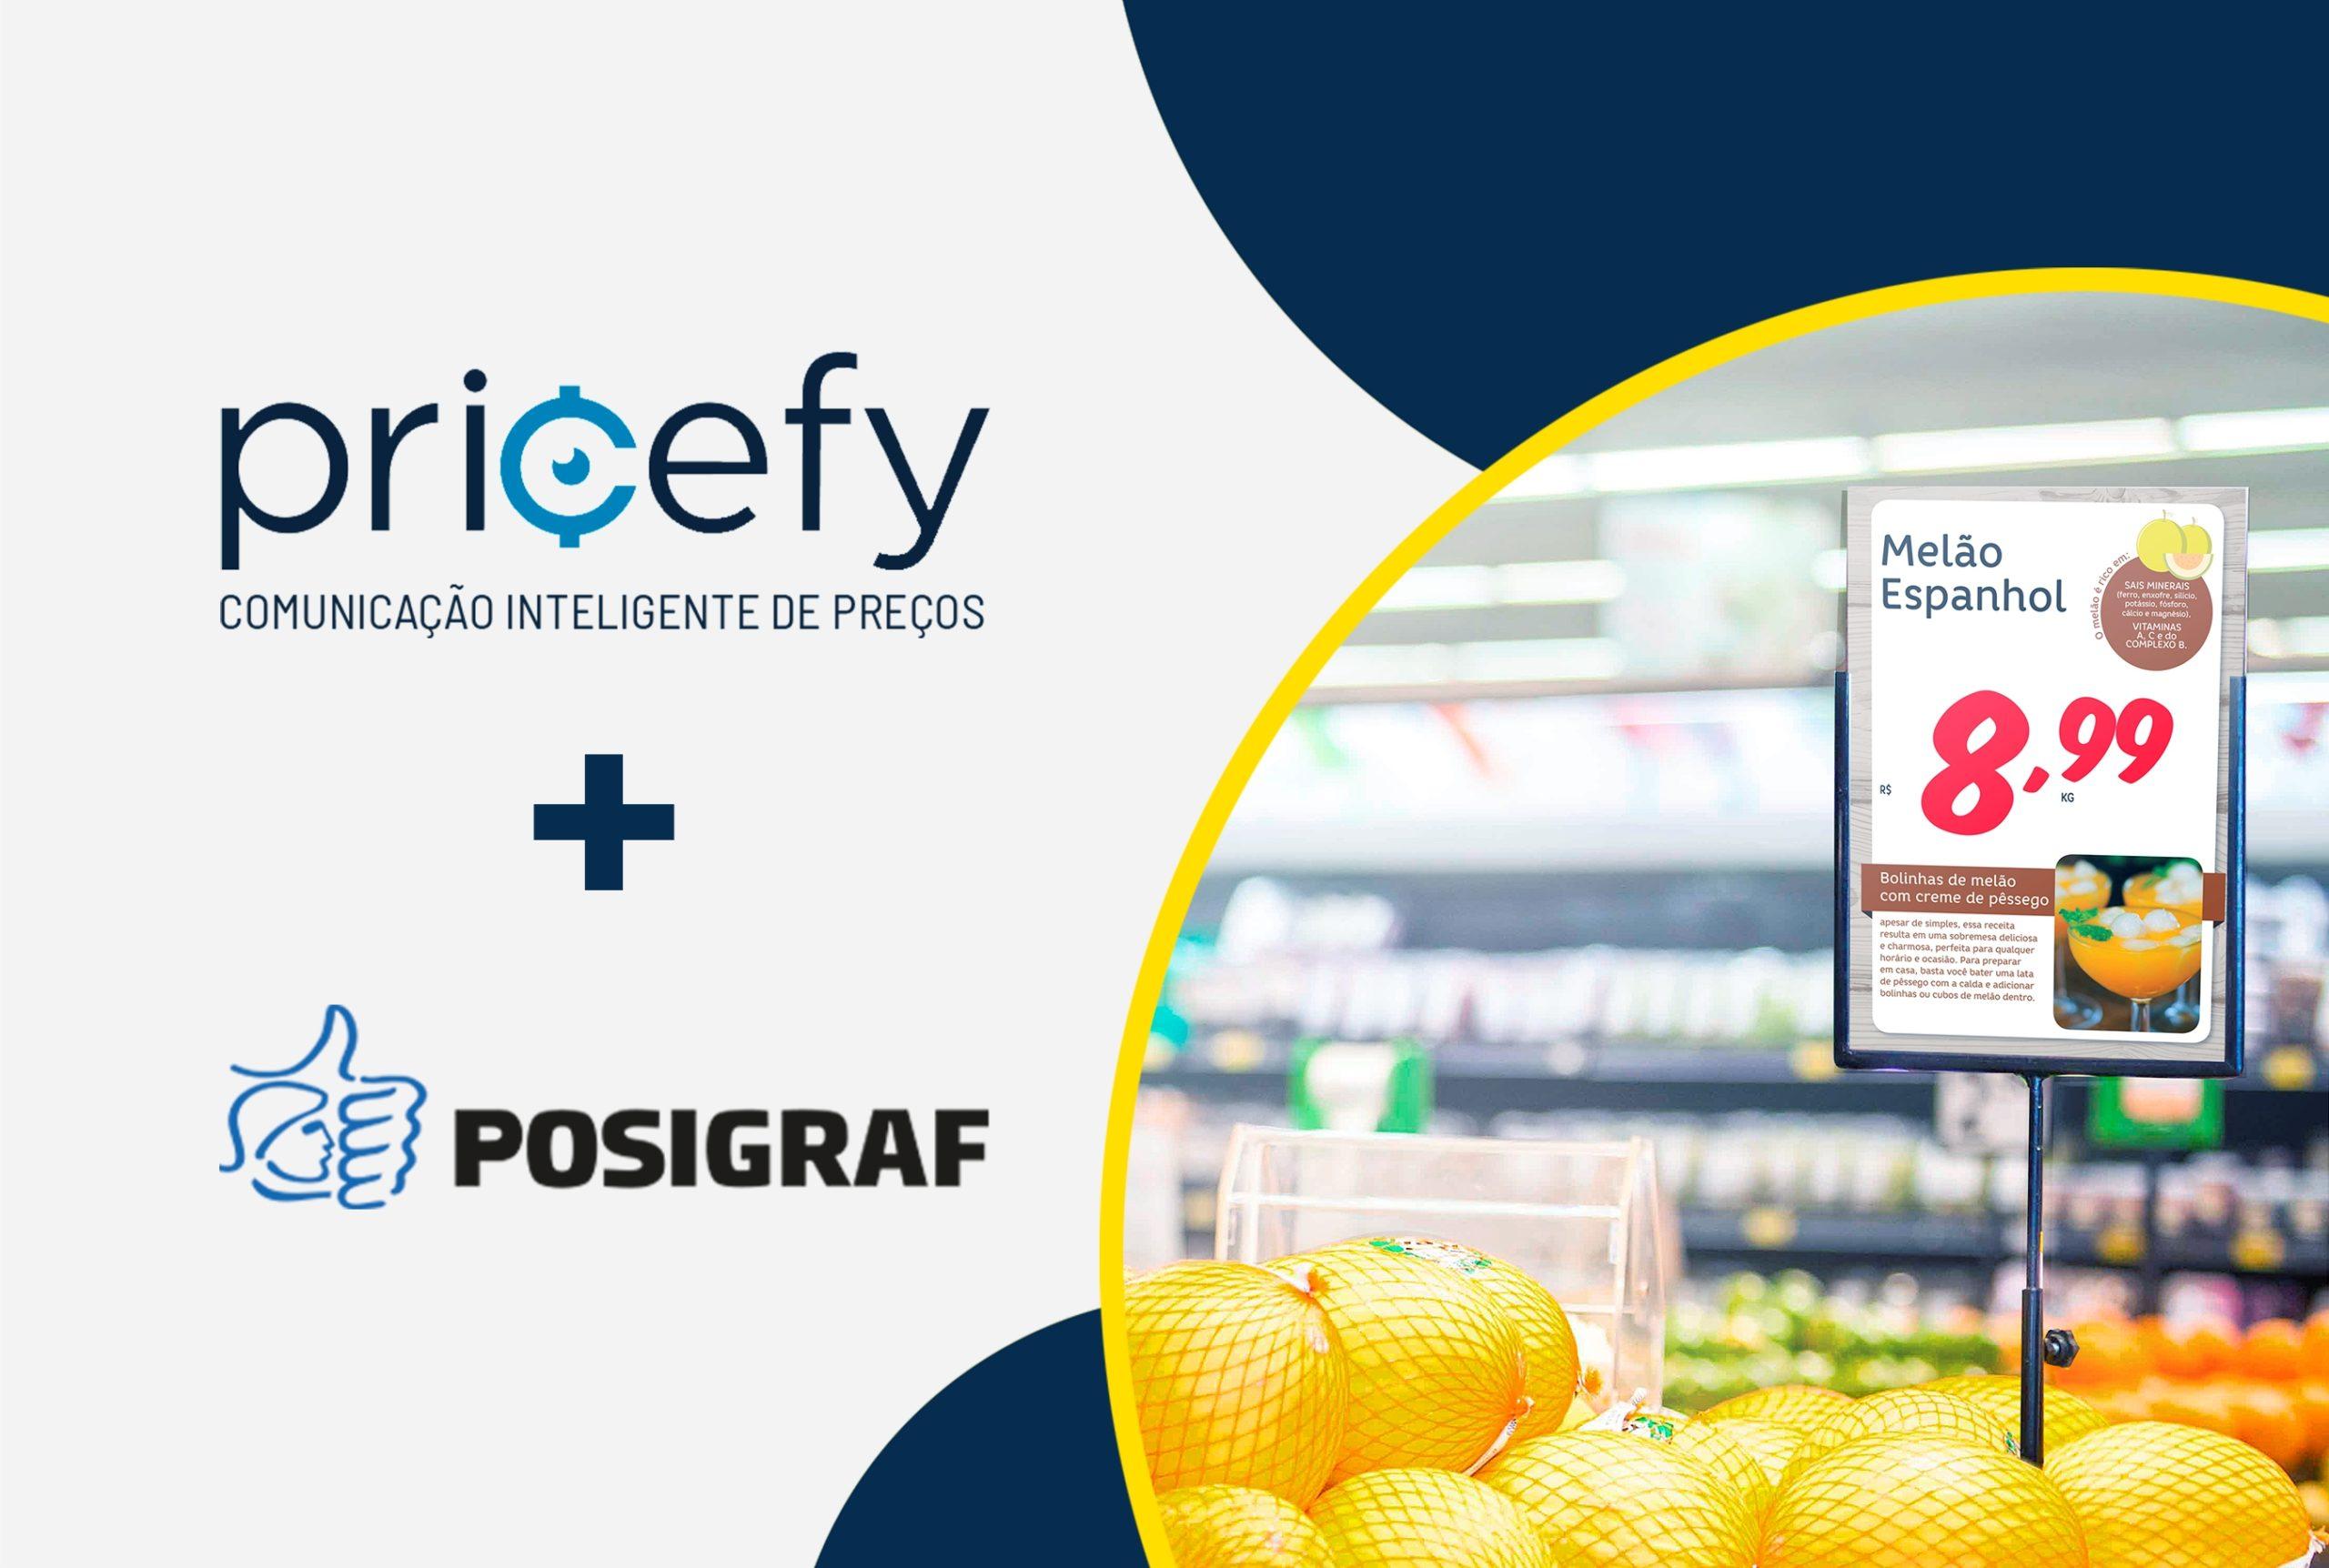 A Pricefy em parceria com a Posigraf, trazem para o varejo uma solução inteligente de comunicação de preços.